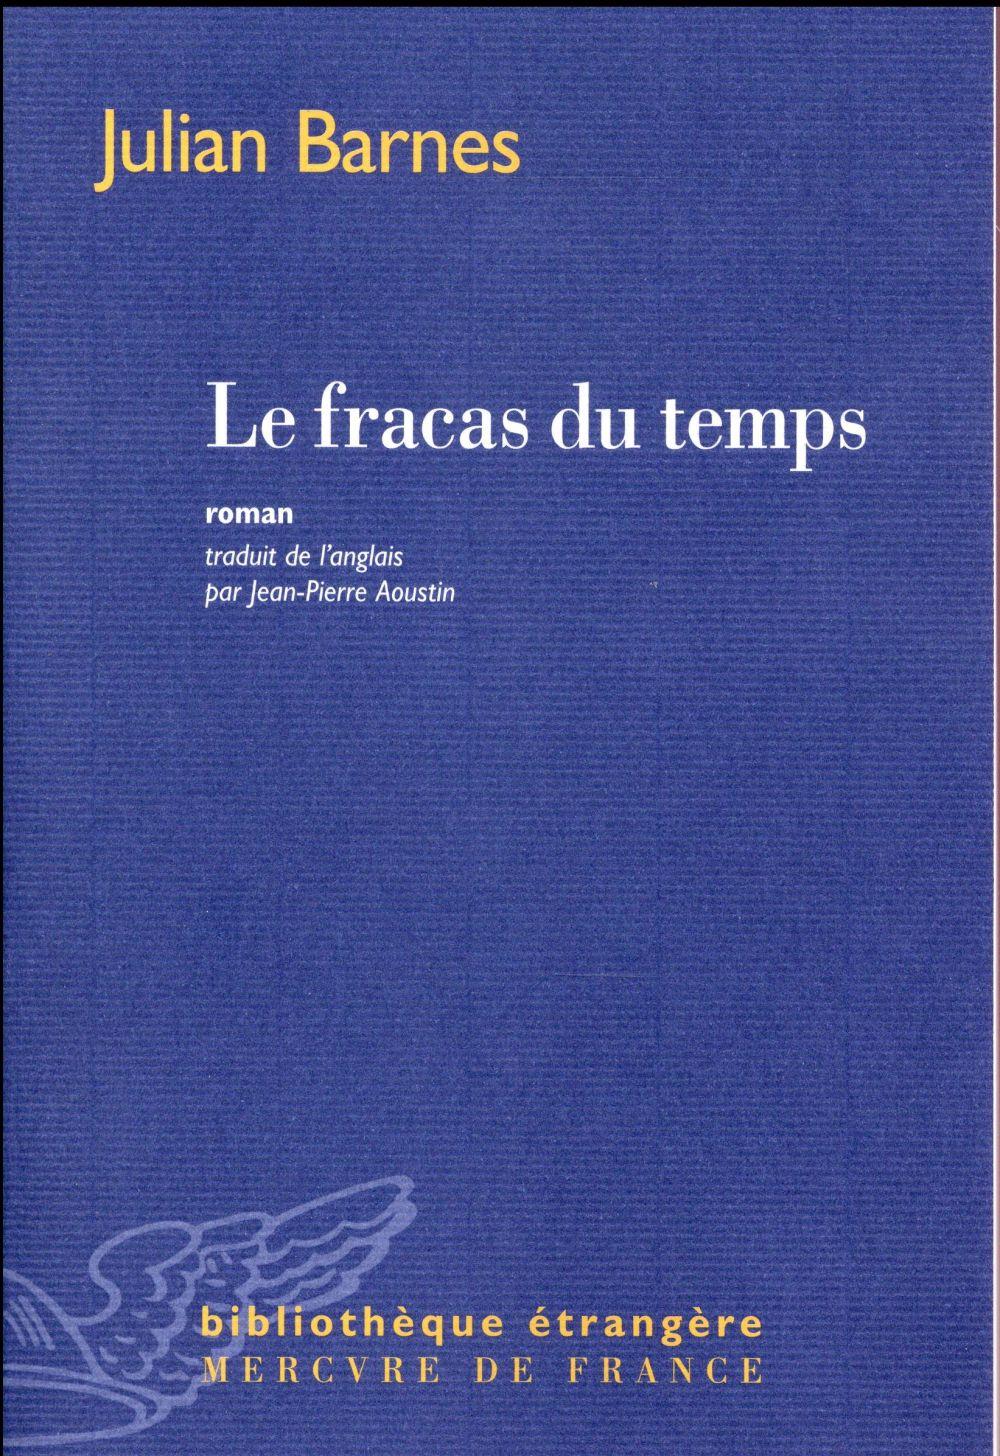 LE FRACAS DU TEMPS ROMAN